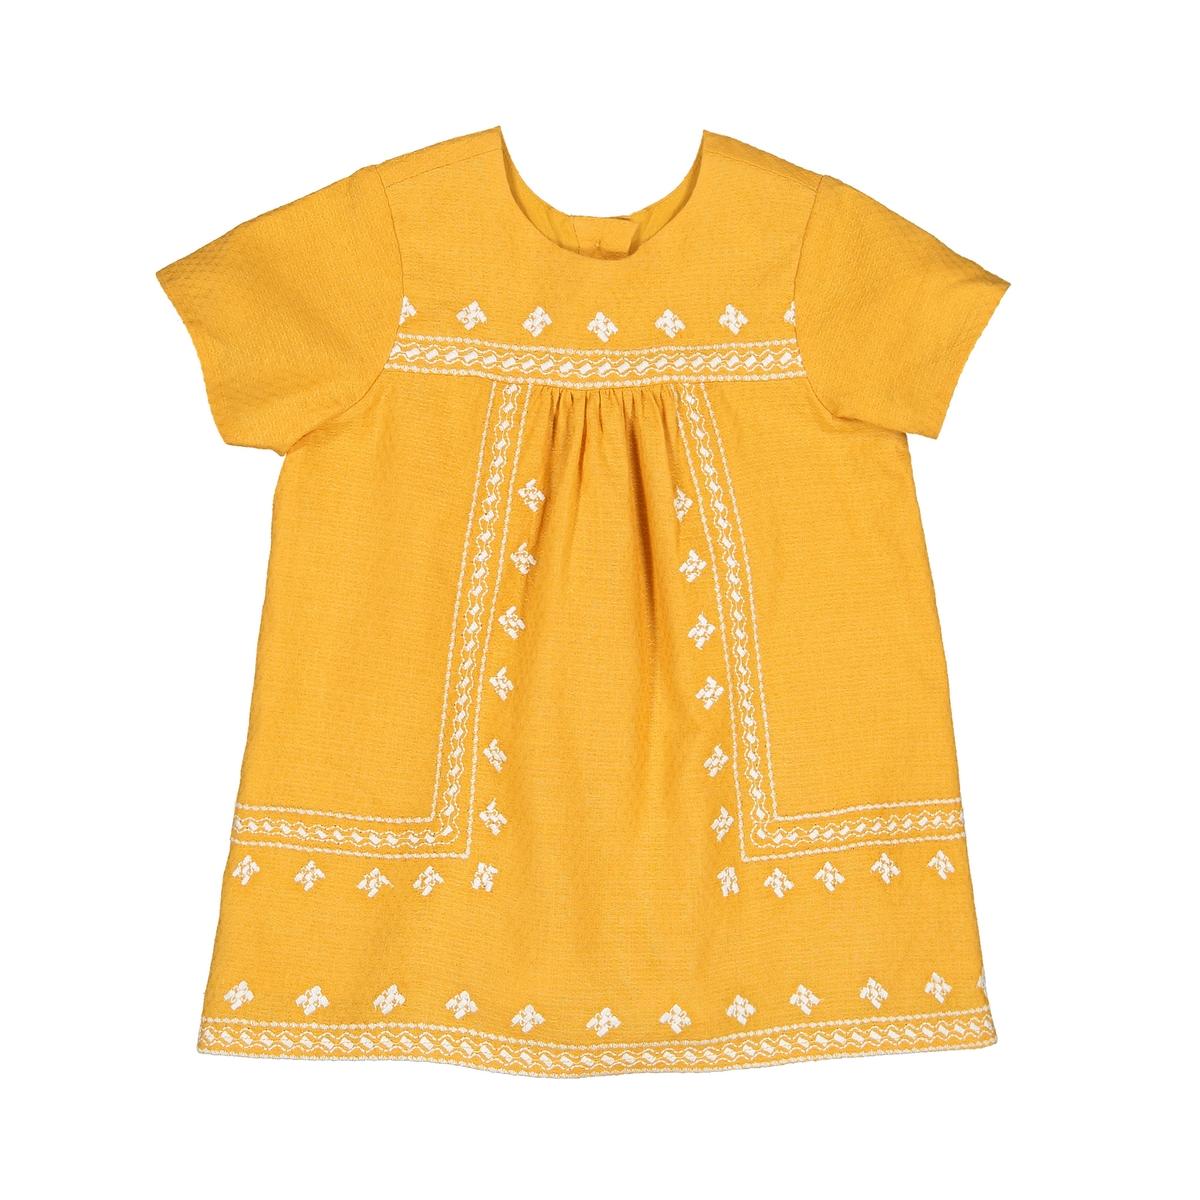 Платье La Redoute С вышивкой и короткими рукавами мес - года 1 мес. - 54 см желтый блузка la redoute с вышивкой гладью мес года 6 мес 67 см другие